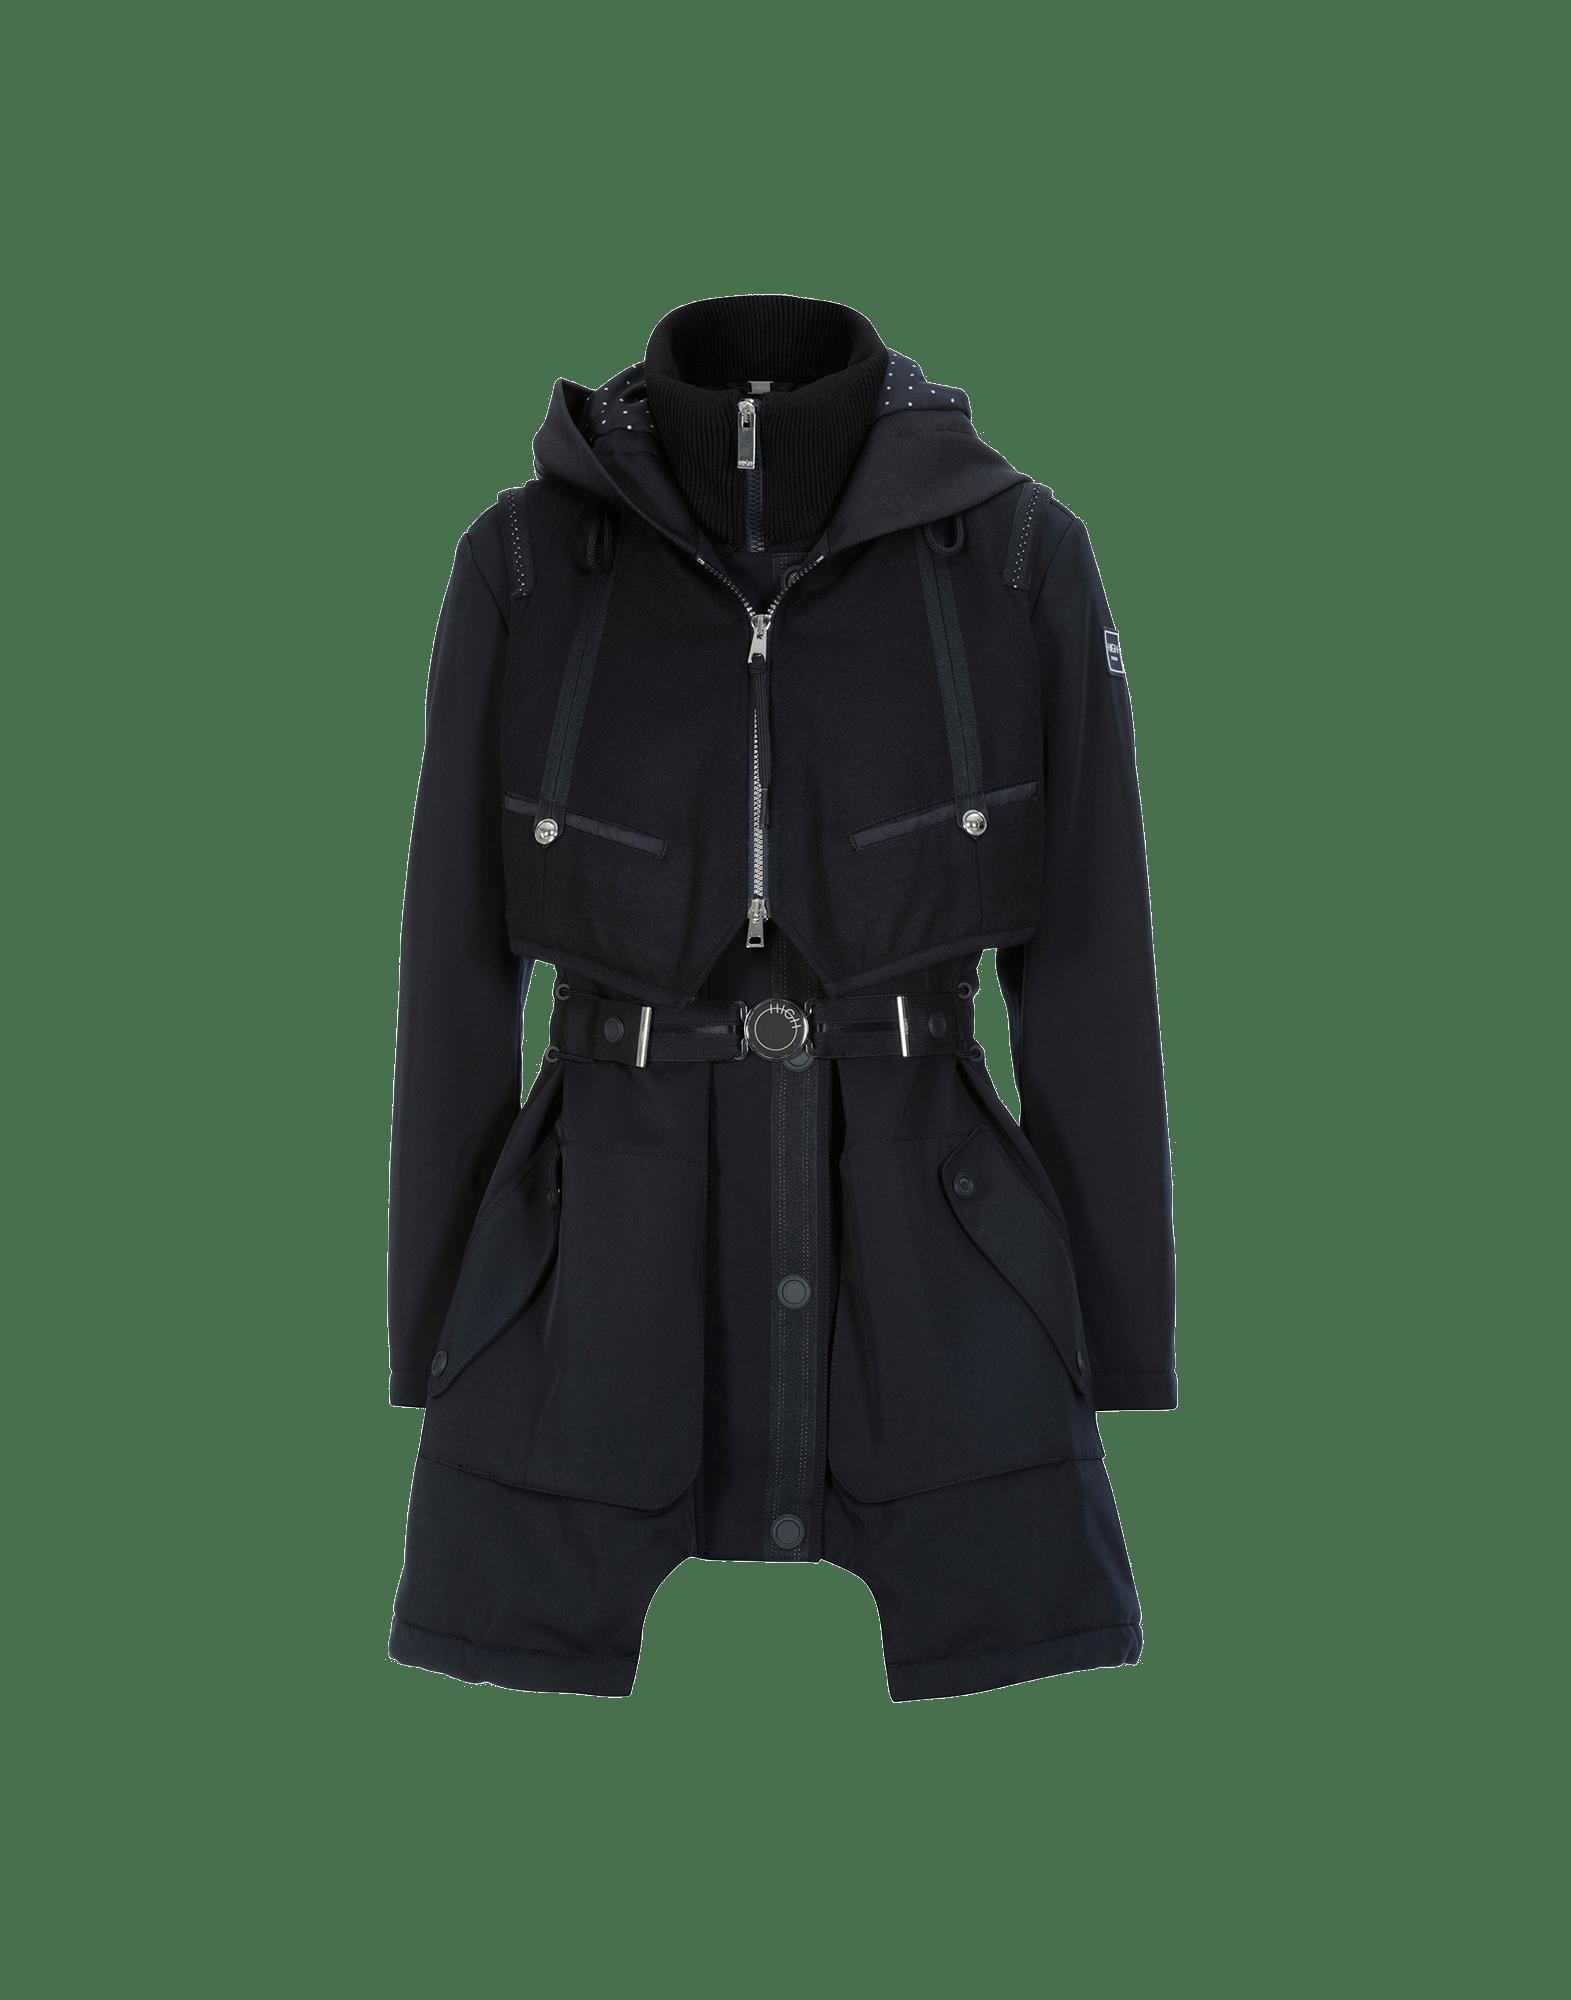 FULL BLAST: Padded hooded gilet parka